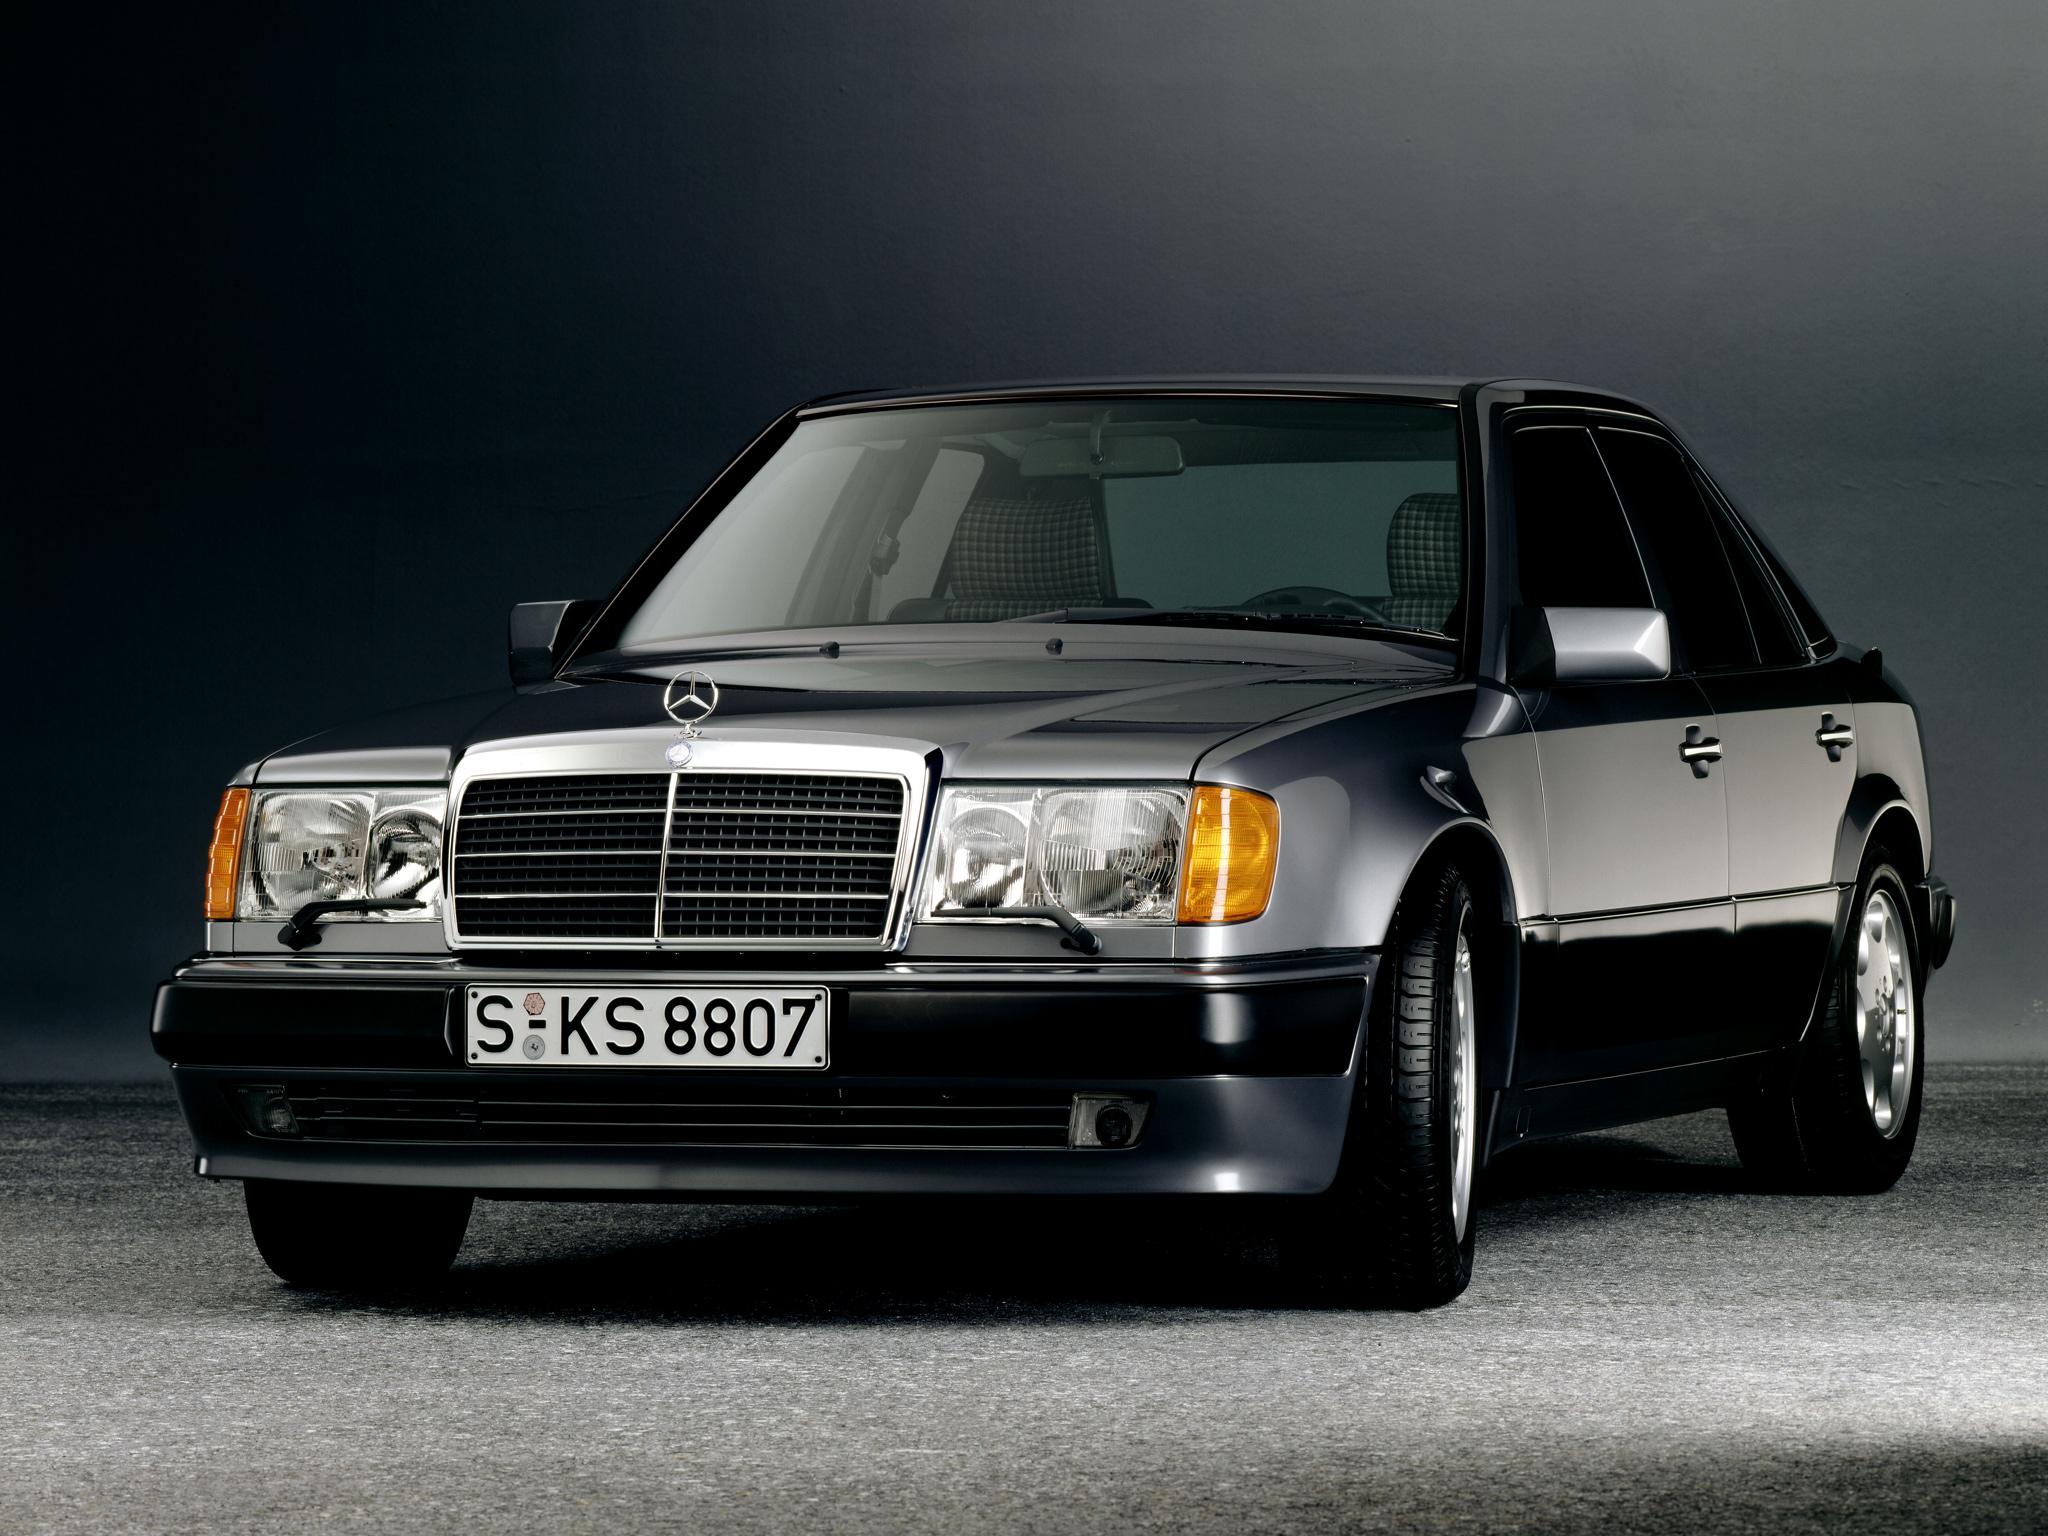 Feta, urstarka Mercedes 500E var en rak höger mot BMW M5. Starkare, dyrare, bekvämare men mindre sportig.